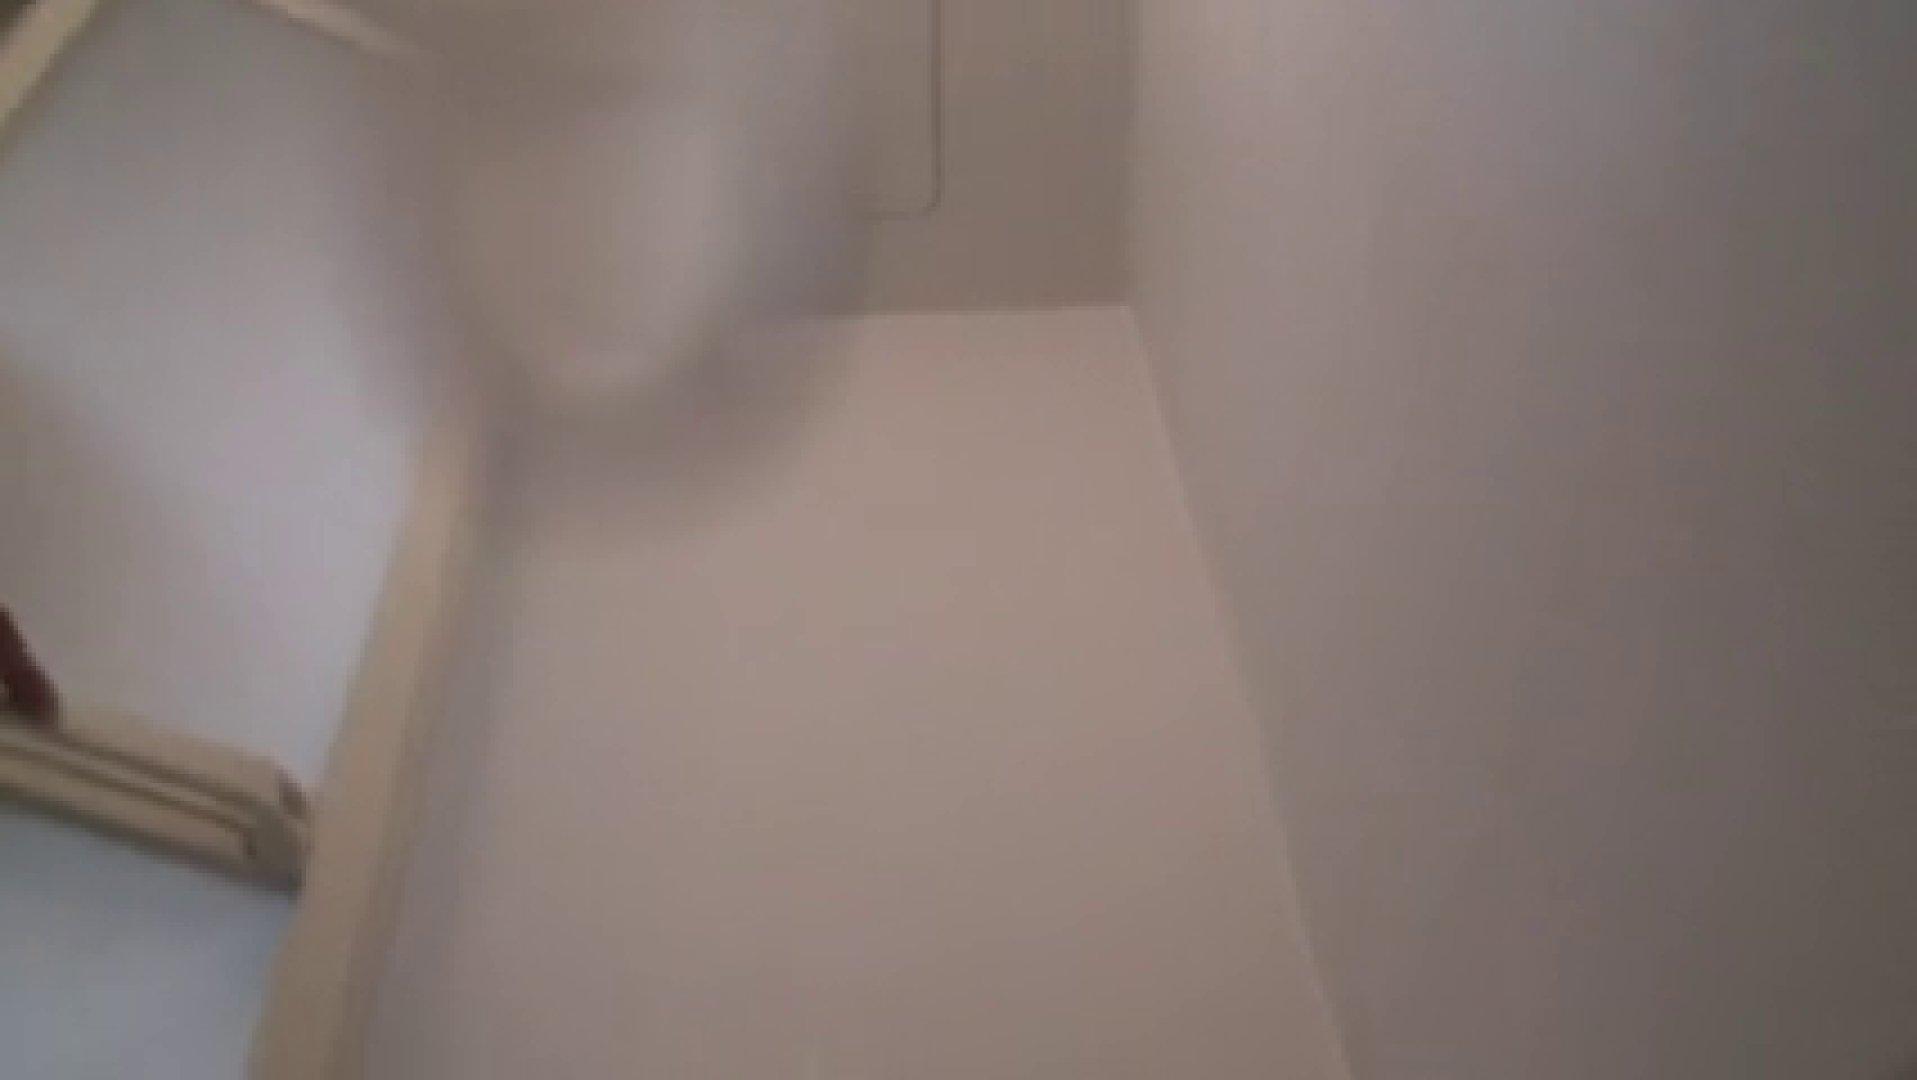 ハイビジョンカメラでチンポを隠し撮り!高画質ビットレート5000kで配信! 包茎 ゲイ無修正画像 75pic 14